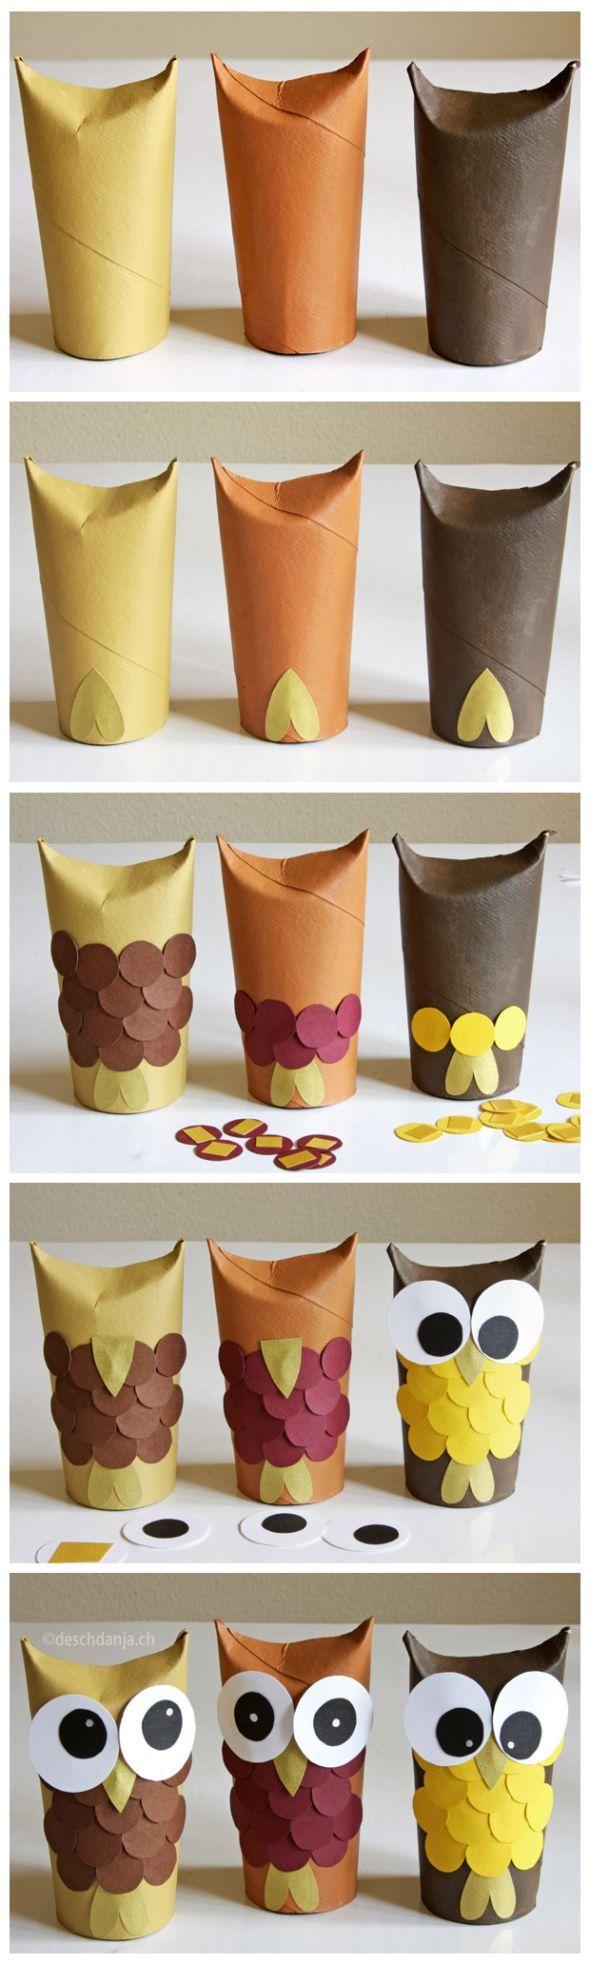 Buhos con rollos de papel higiénico.